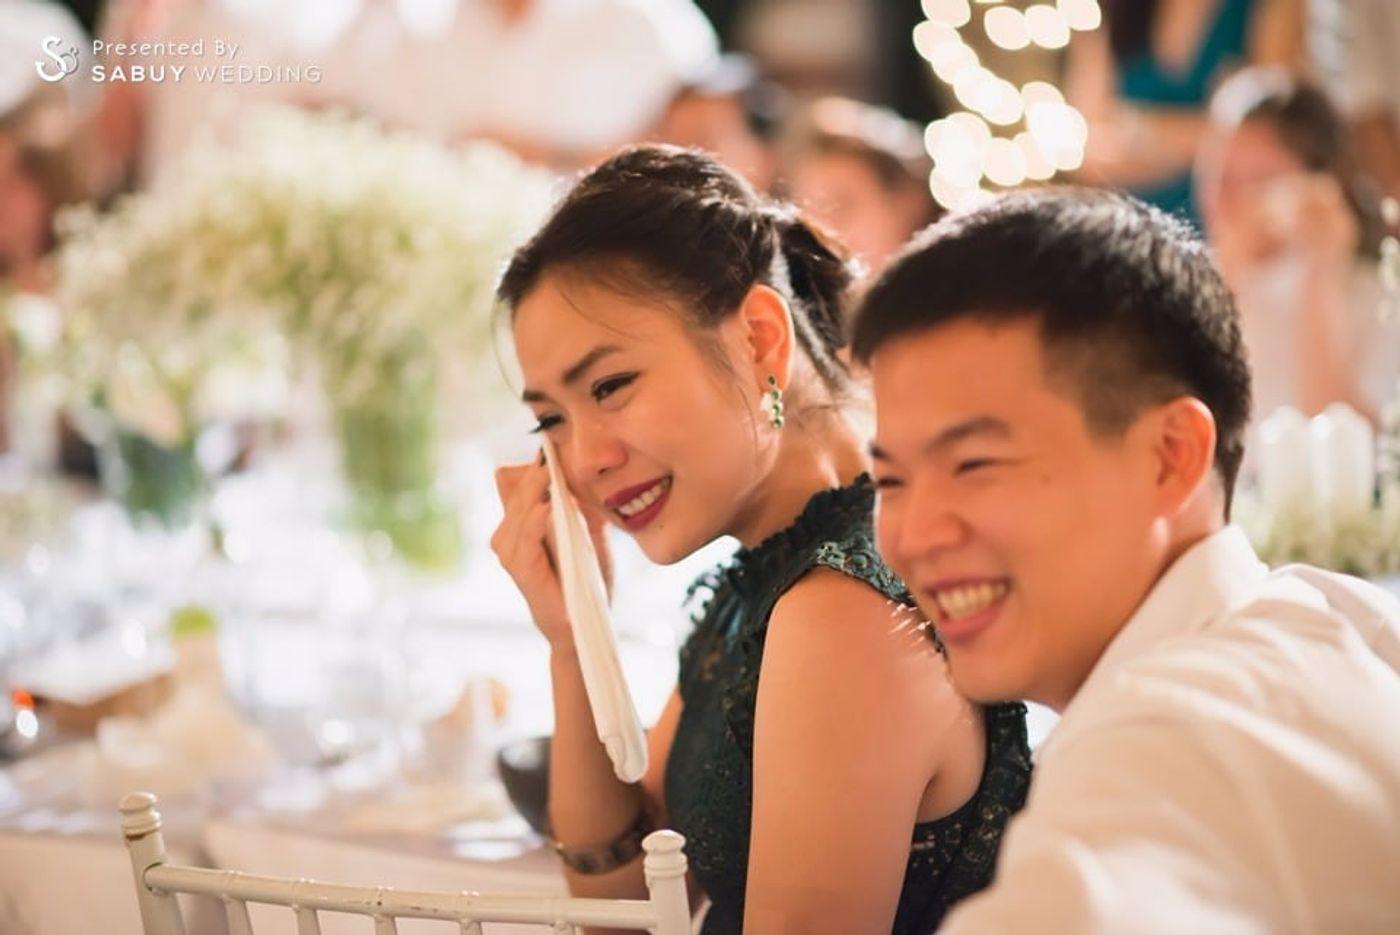 เพื่อนเจ้าสาว,งานแต่งงาน รีวิวงานแต่งอิ่มใจไปกับงานหมั้นล้านนา ปิดท้าย Sit-down dinner ประดับไฟแสนสวยในสวนหลังบ้าน